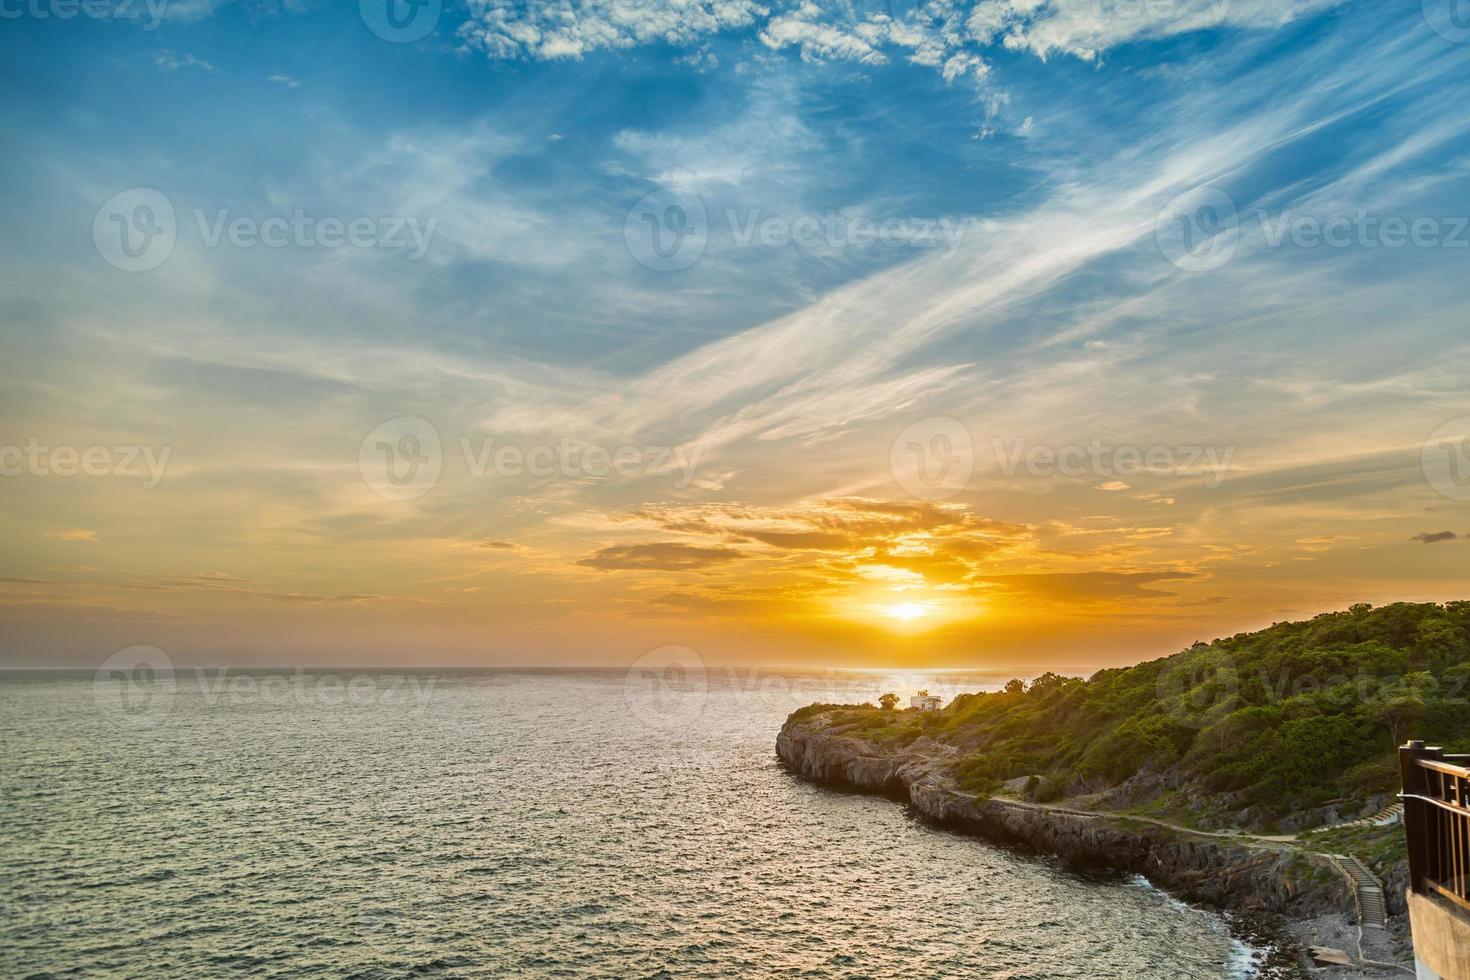 Beautiful sunset sky photo